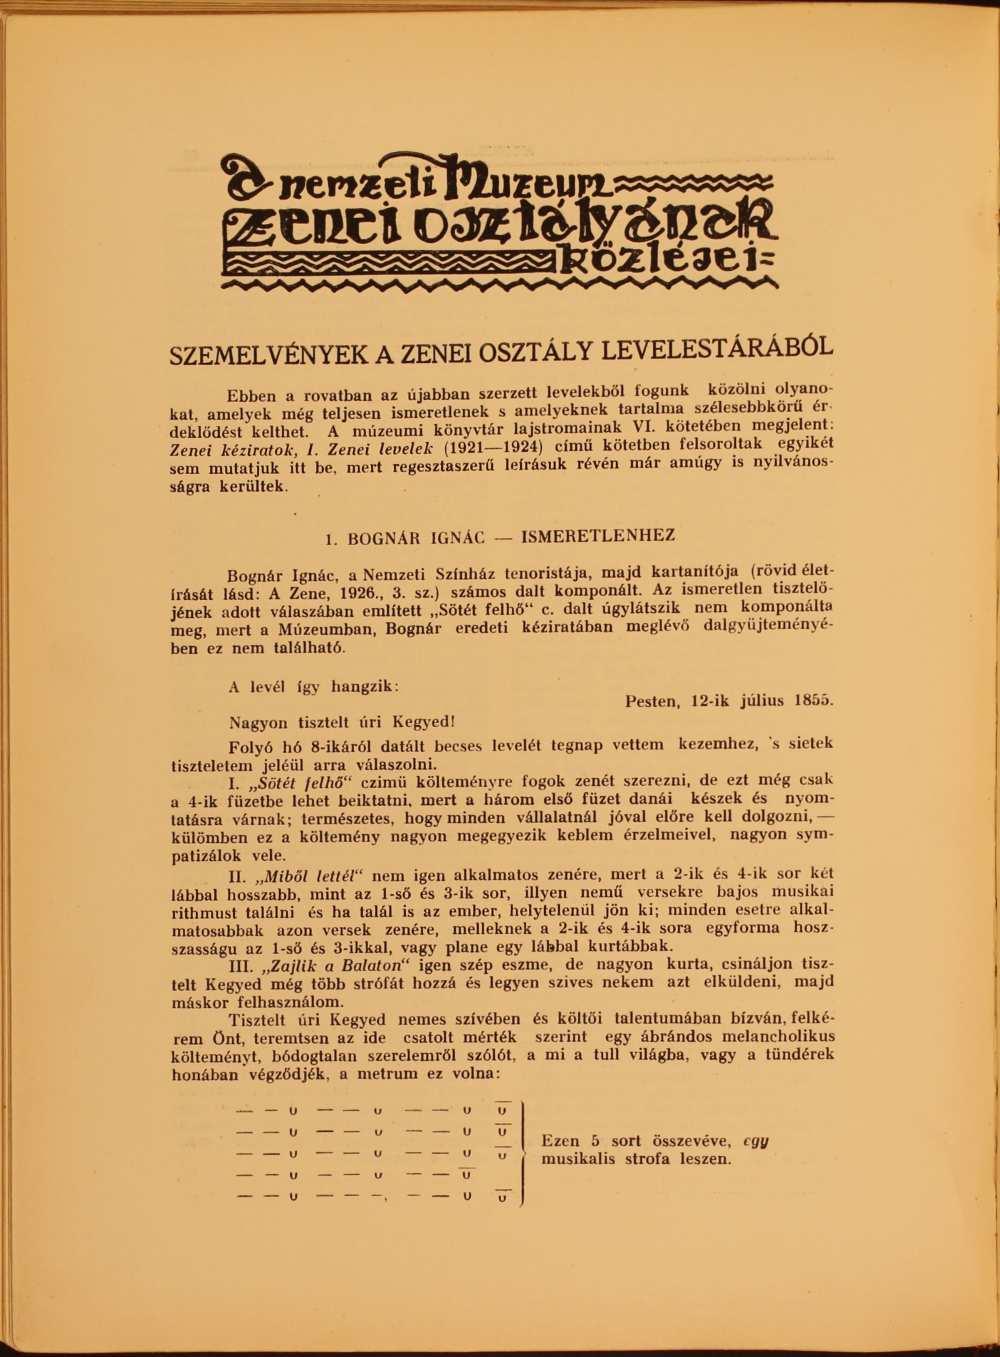 """Bognár Ignác és Thern Károly egy-egy levele  (""""Szemelvények a zenei osztály levelestárából"""" című rovat). In. Muzsika. Zeneművészeti, zenetudományi és zenekritikai folyóirat, 1. évf. 1–2. sz. (1929. febr.–márc.) – Törzsgyűjtemény http://nektar.oszk.hu/hu/manifestation/1023575"""